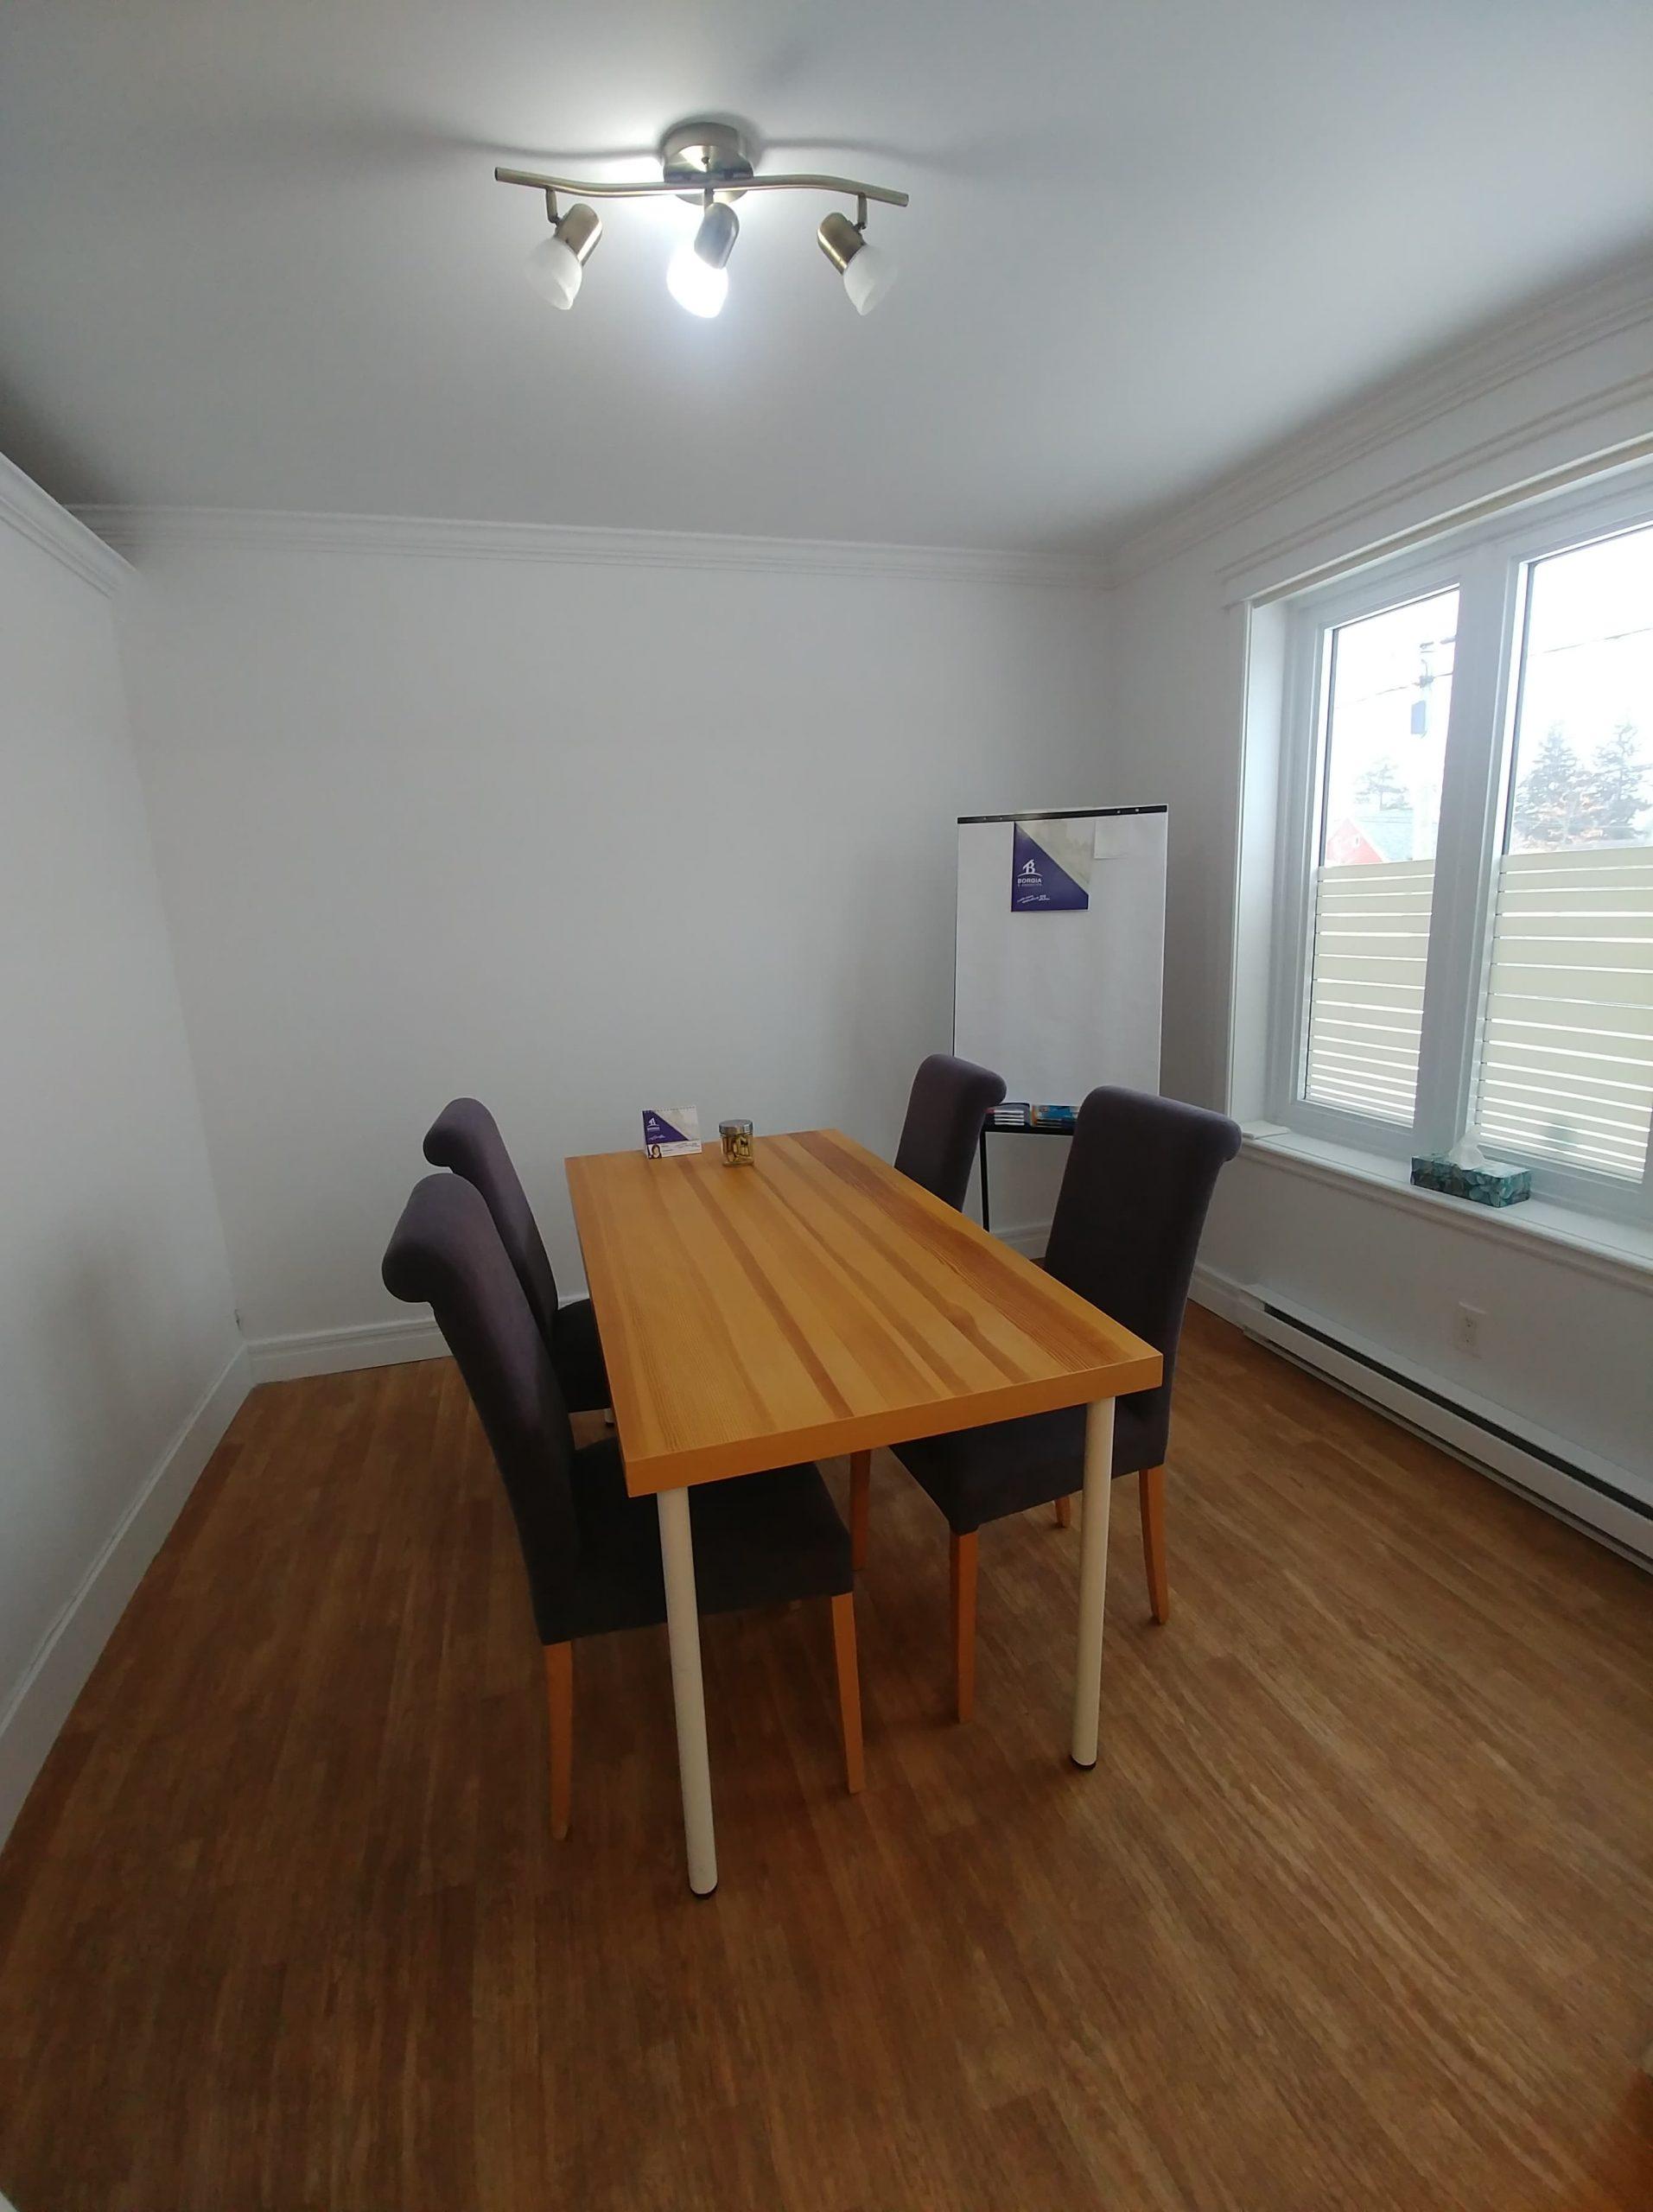 Photo 8 : Espace de bureau pour professionnel, Tout inclus. Secteur L'Ancienne-Lorette